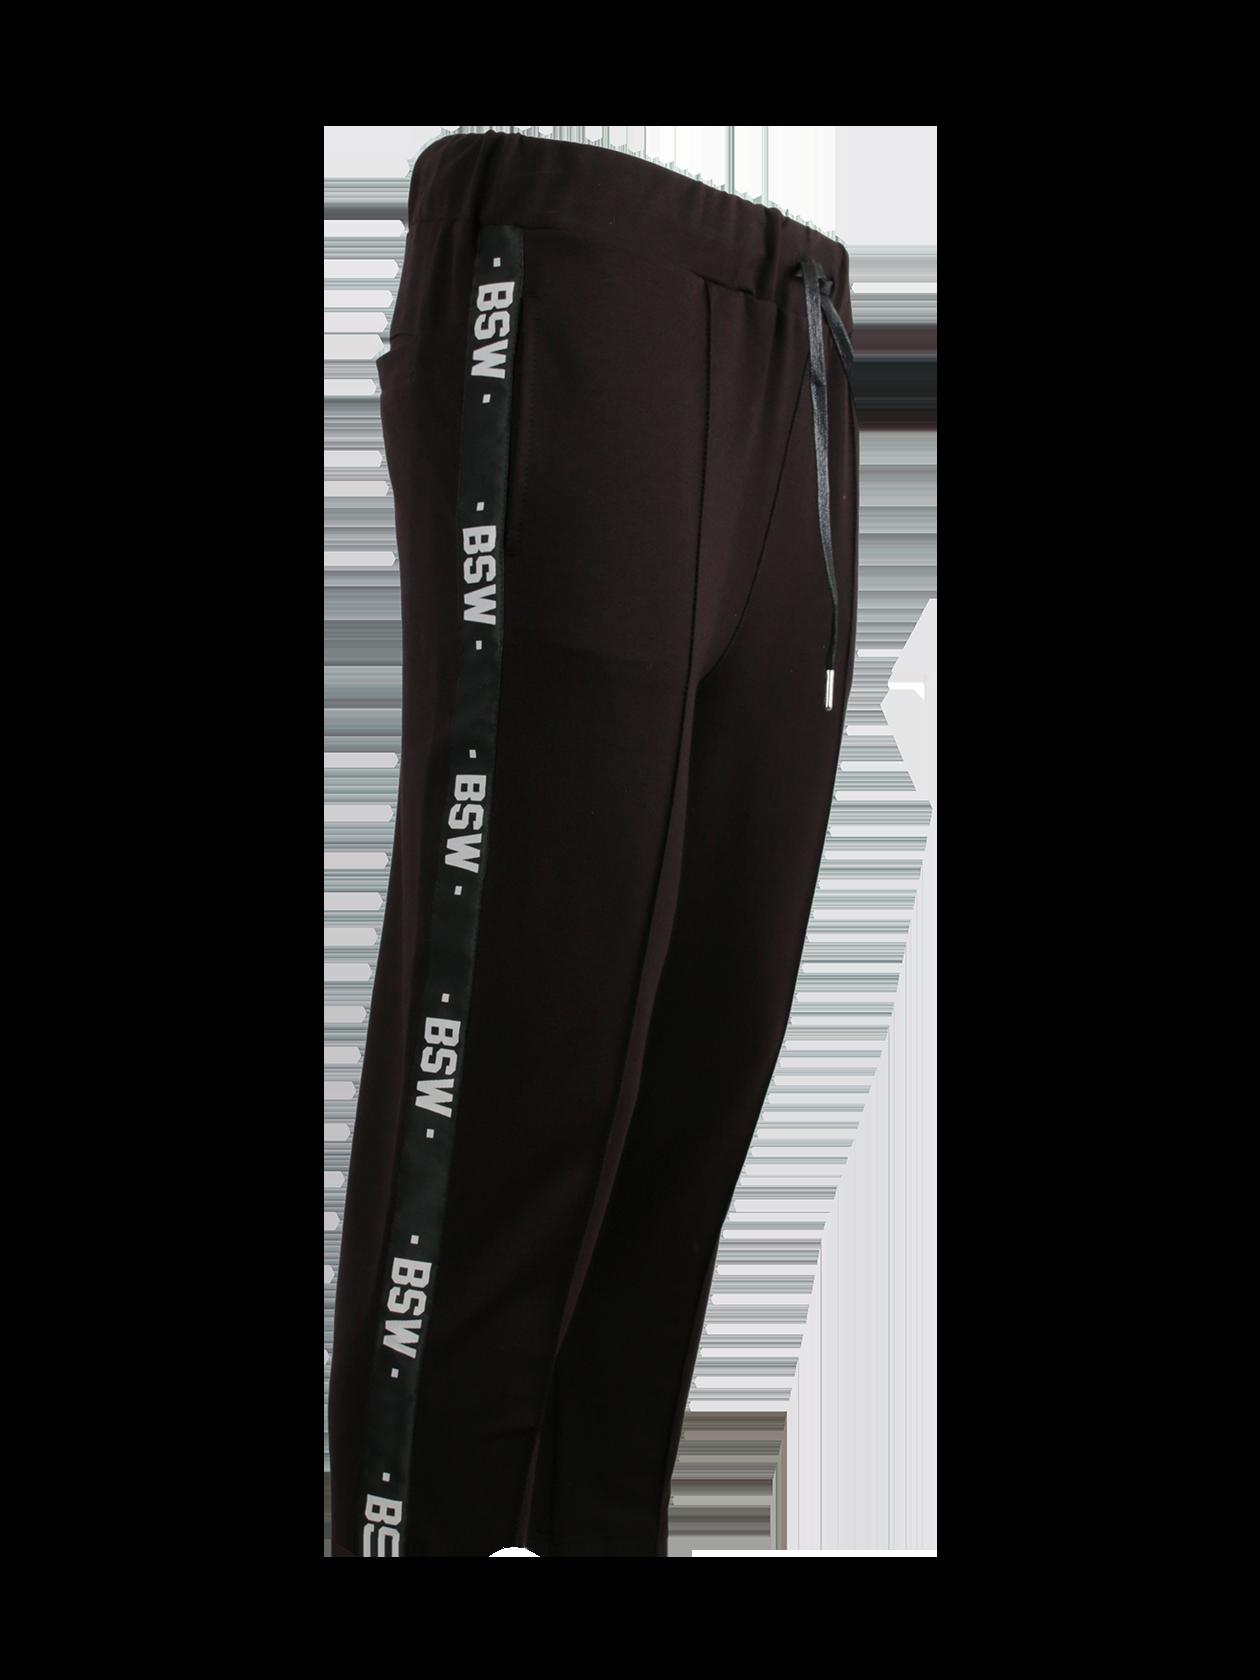 Брюки мужские STRIPE BSЧерные брюки мужские Daily Star – незаменимая вещь в шкафу. Модель лаконичного кроя обладает прямым зауженным к низу силуэтом. Широкий пояс на резинке дополнен завязками для лучшей фиксации по фигуре. Сзади и по бокам внутренние карманы, позволяющие хранить личные предметы. Декоративные элементы дизайна – боковые вставки в виде вертикальных полосок с многочисленными надписями BSW. Брюки мужские изготовлены из высококачественного натурального материала на основе хлопка. Идеально подходят для спорта, отдыха и на каждый день.<br><br>Размер: XL<br>Цвет: Черный<br>Пол: Мужской